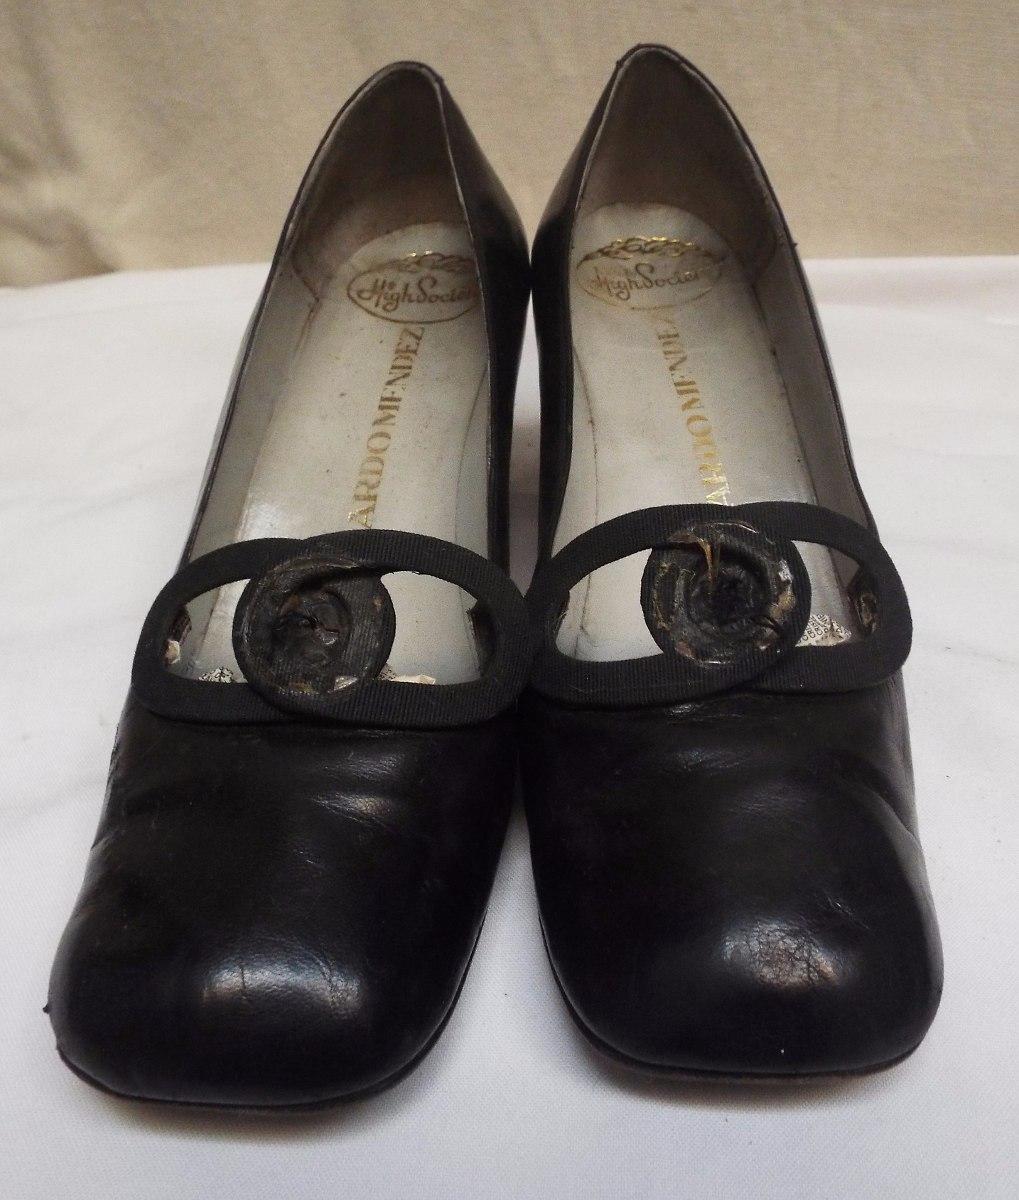 250 Zapatos Talle Cuero 00 Mujer De Medio En Taco 36 Con 4xqTfqOw8U